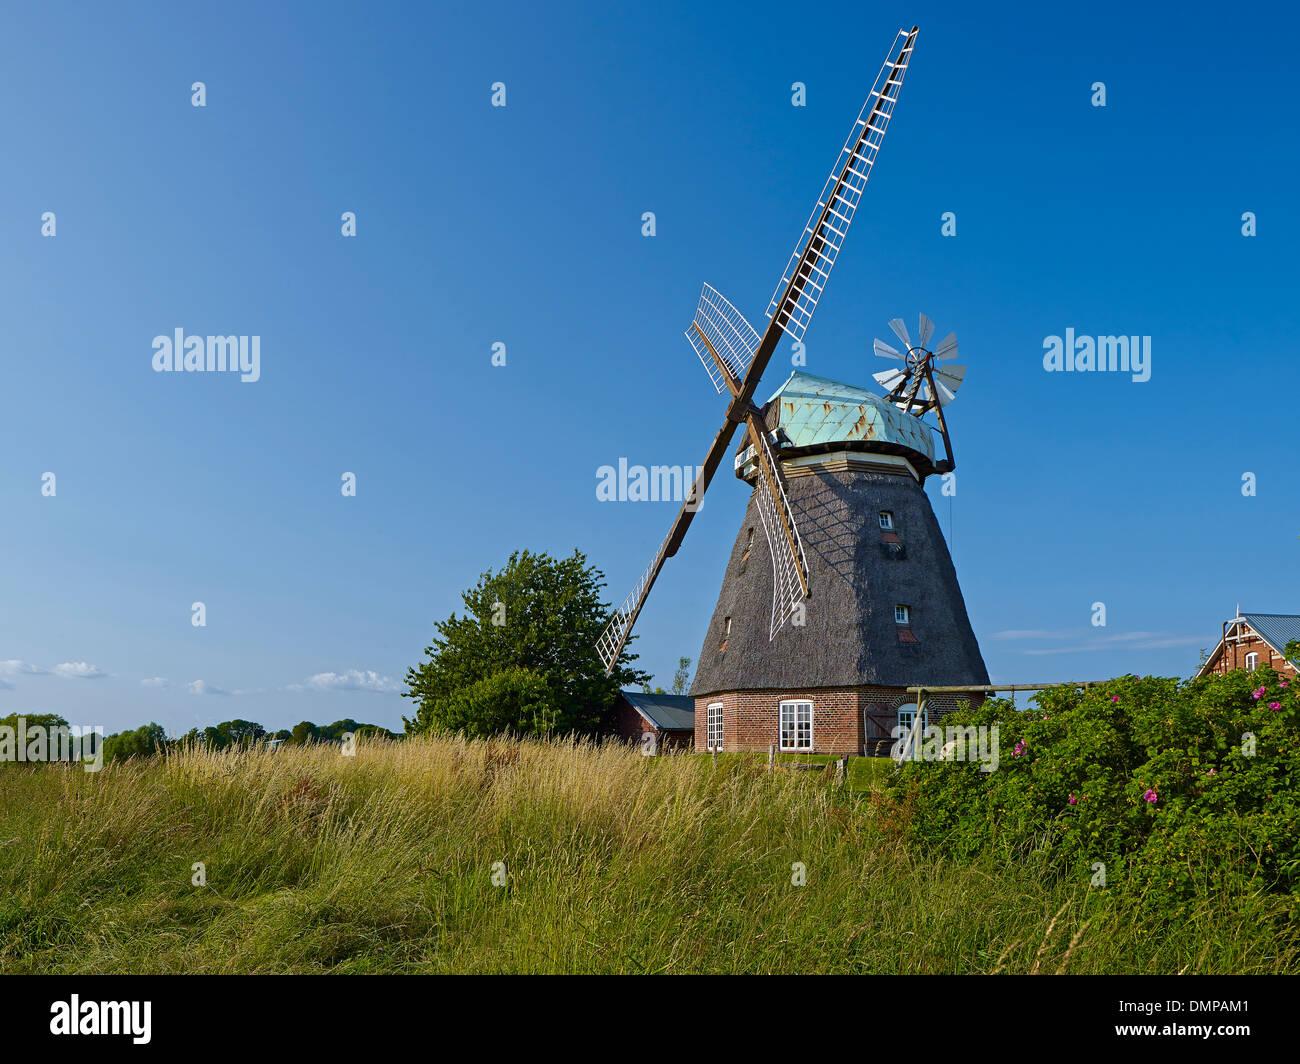 Windmill in Nübelfeld, Steinbergkirche municipality, Schleswig-Flensburg District, Schleswig-Holstein, Germany - Stock Image